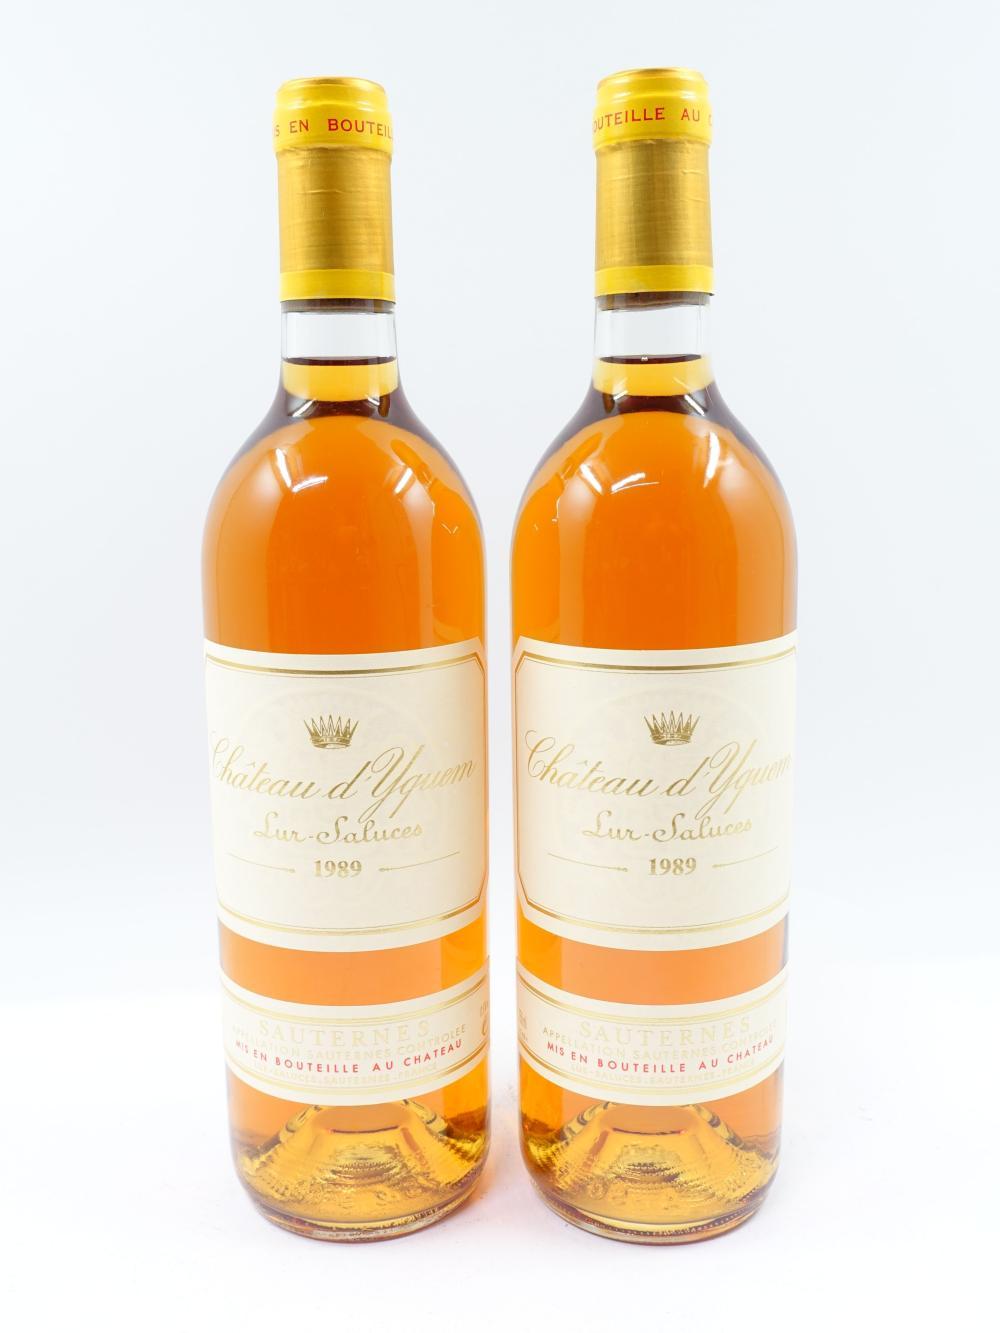 12 bouteilles CHÂTEAU D'YQUEM 1989 1er cru Supérieur Sauternes ( Caisse bois d'origine